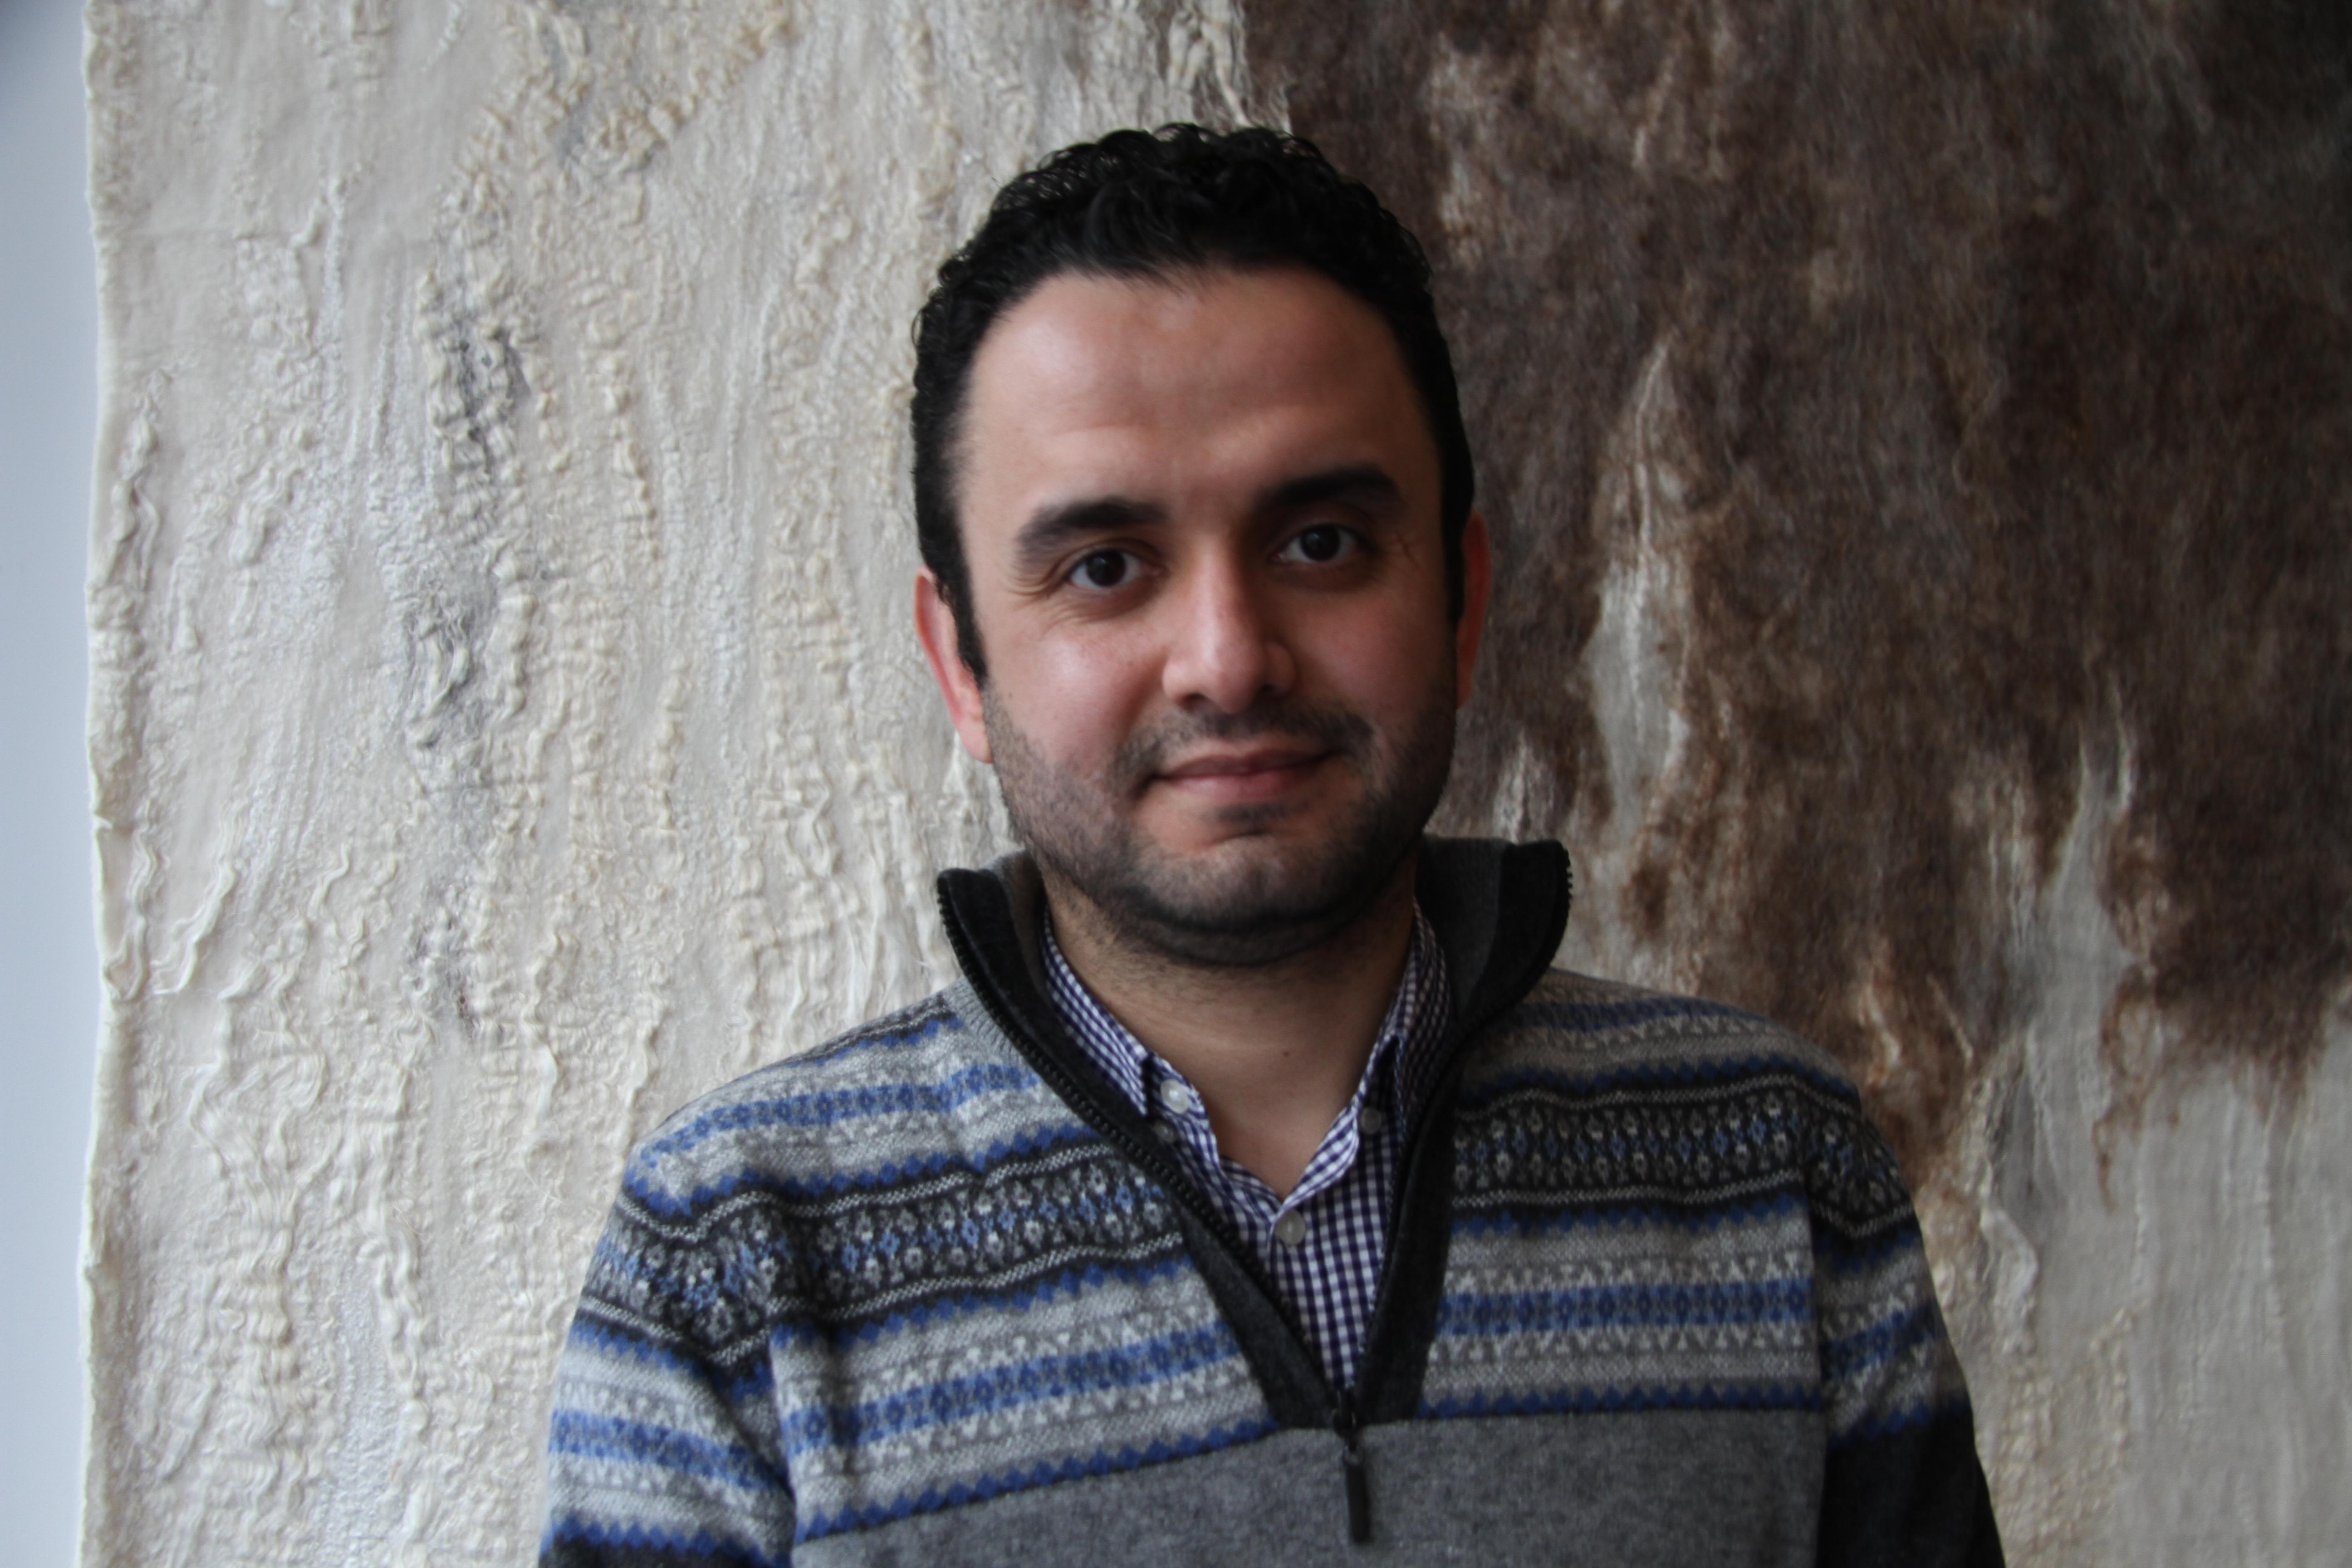 Mohammed Kasbar